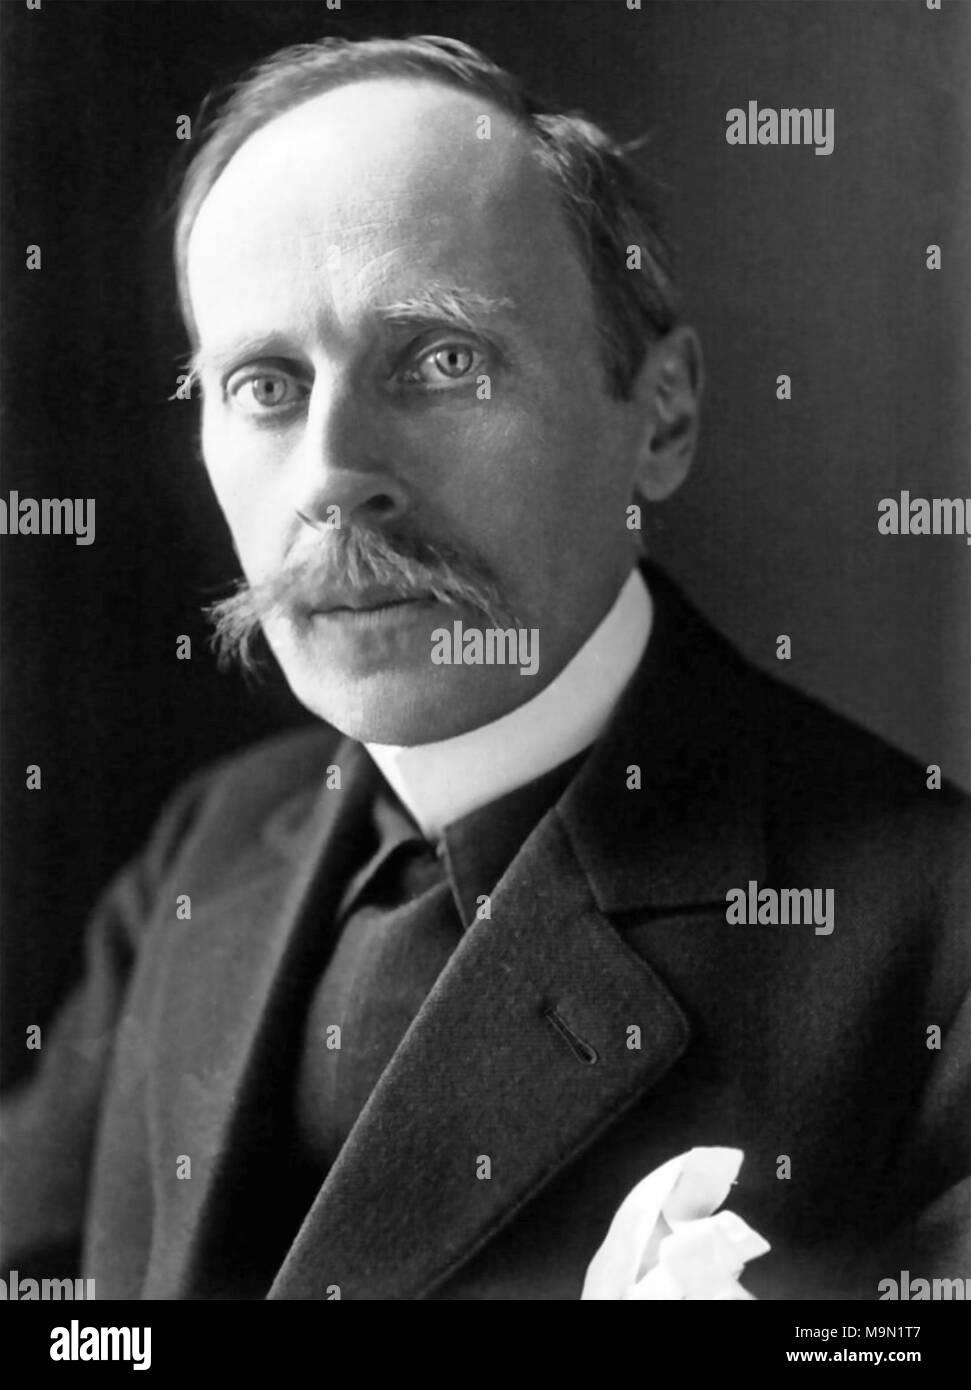 ROMAIN ROLLAND (1866-1944) französischer Schriftsteller und Mystiker über 1915 Stockbild